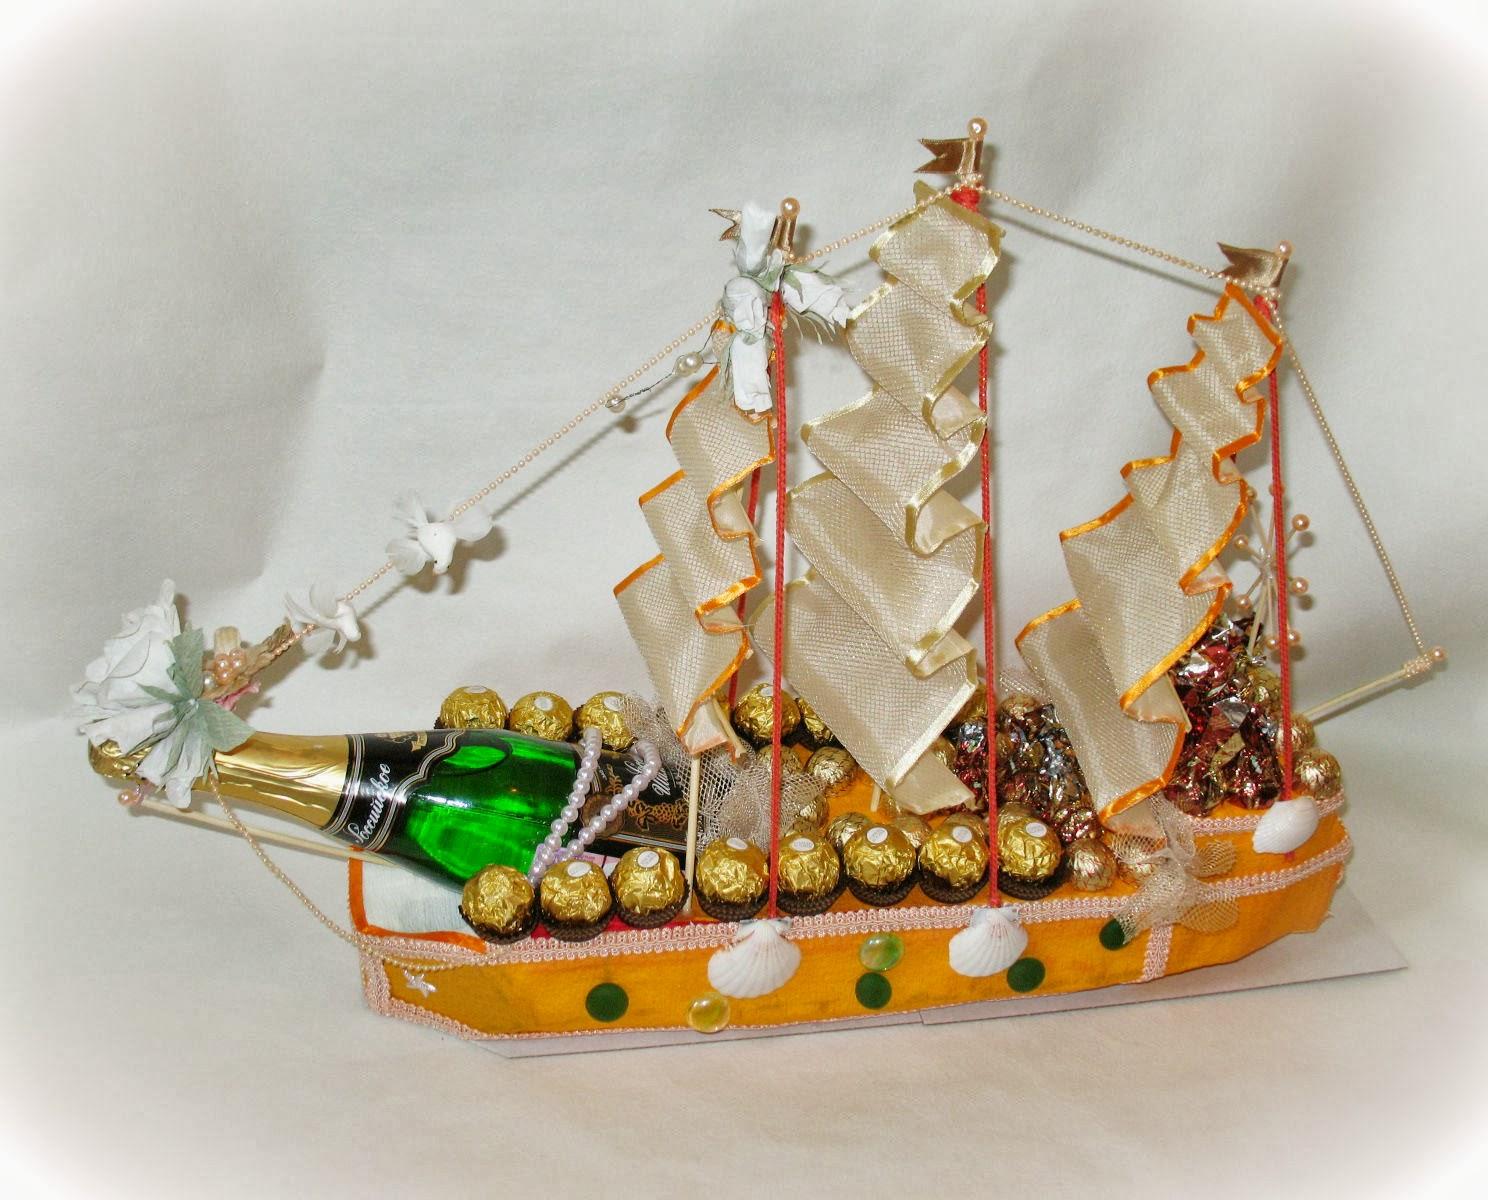 Как сделать корабль из бутылки и конфет своими руками